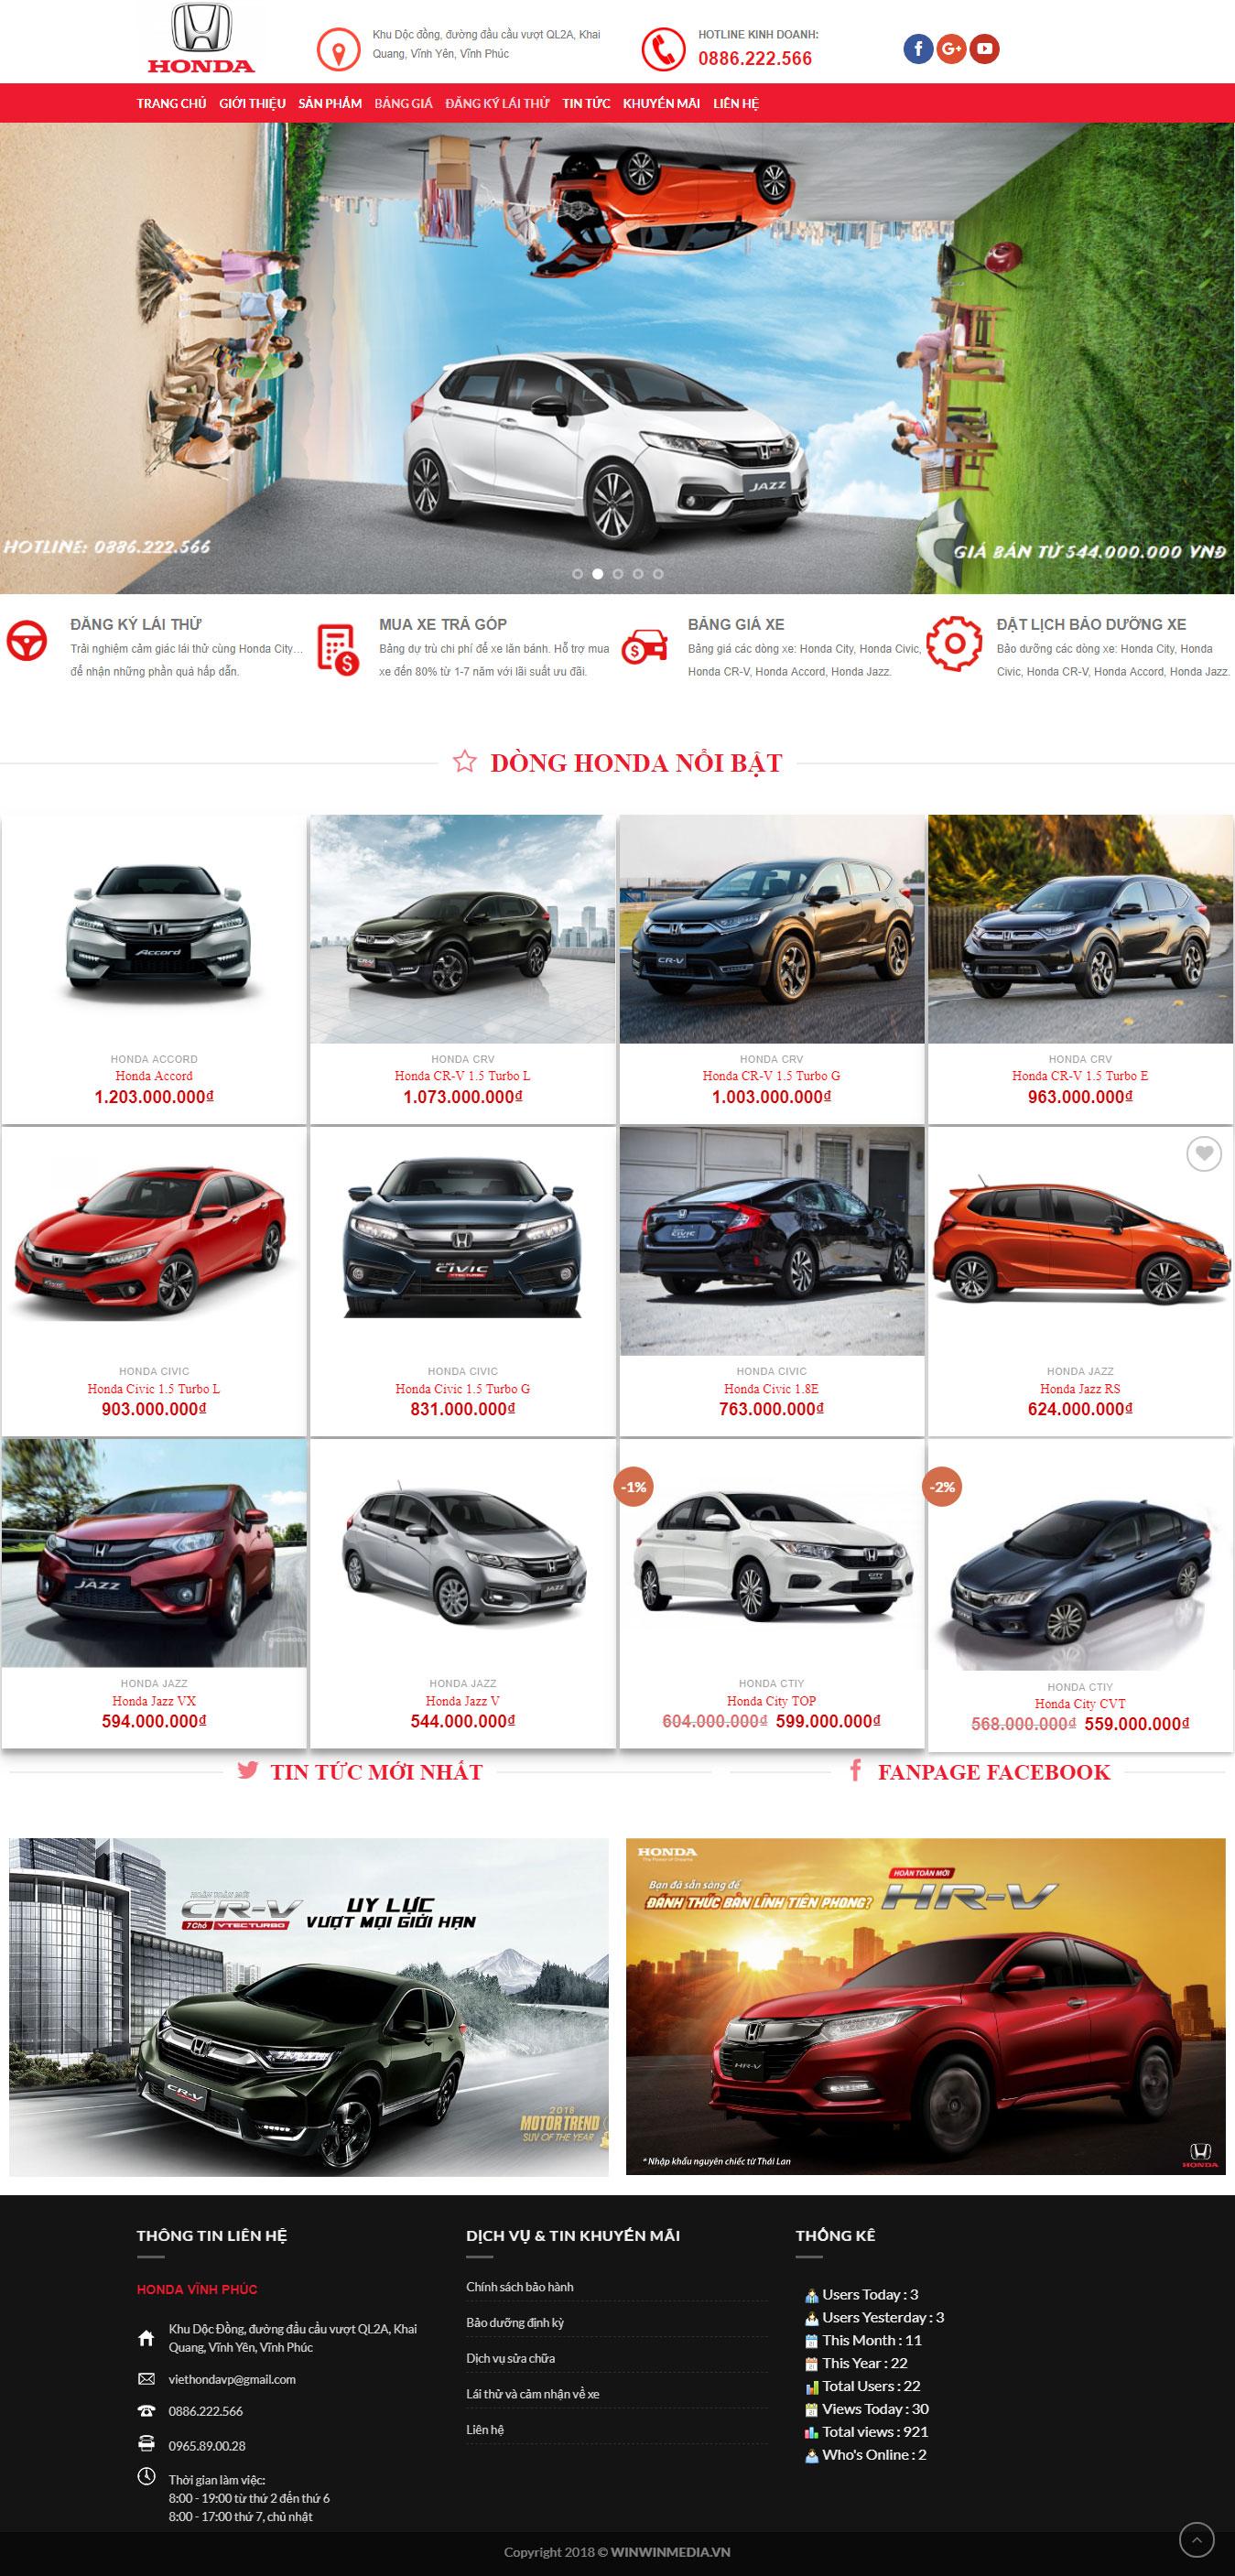 Thiết kế website Ô tô Honda Vĩnh Phúc